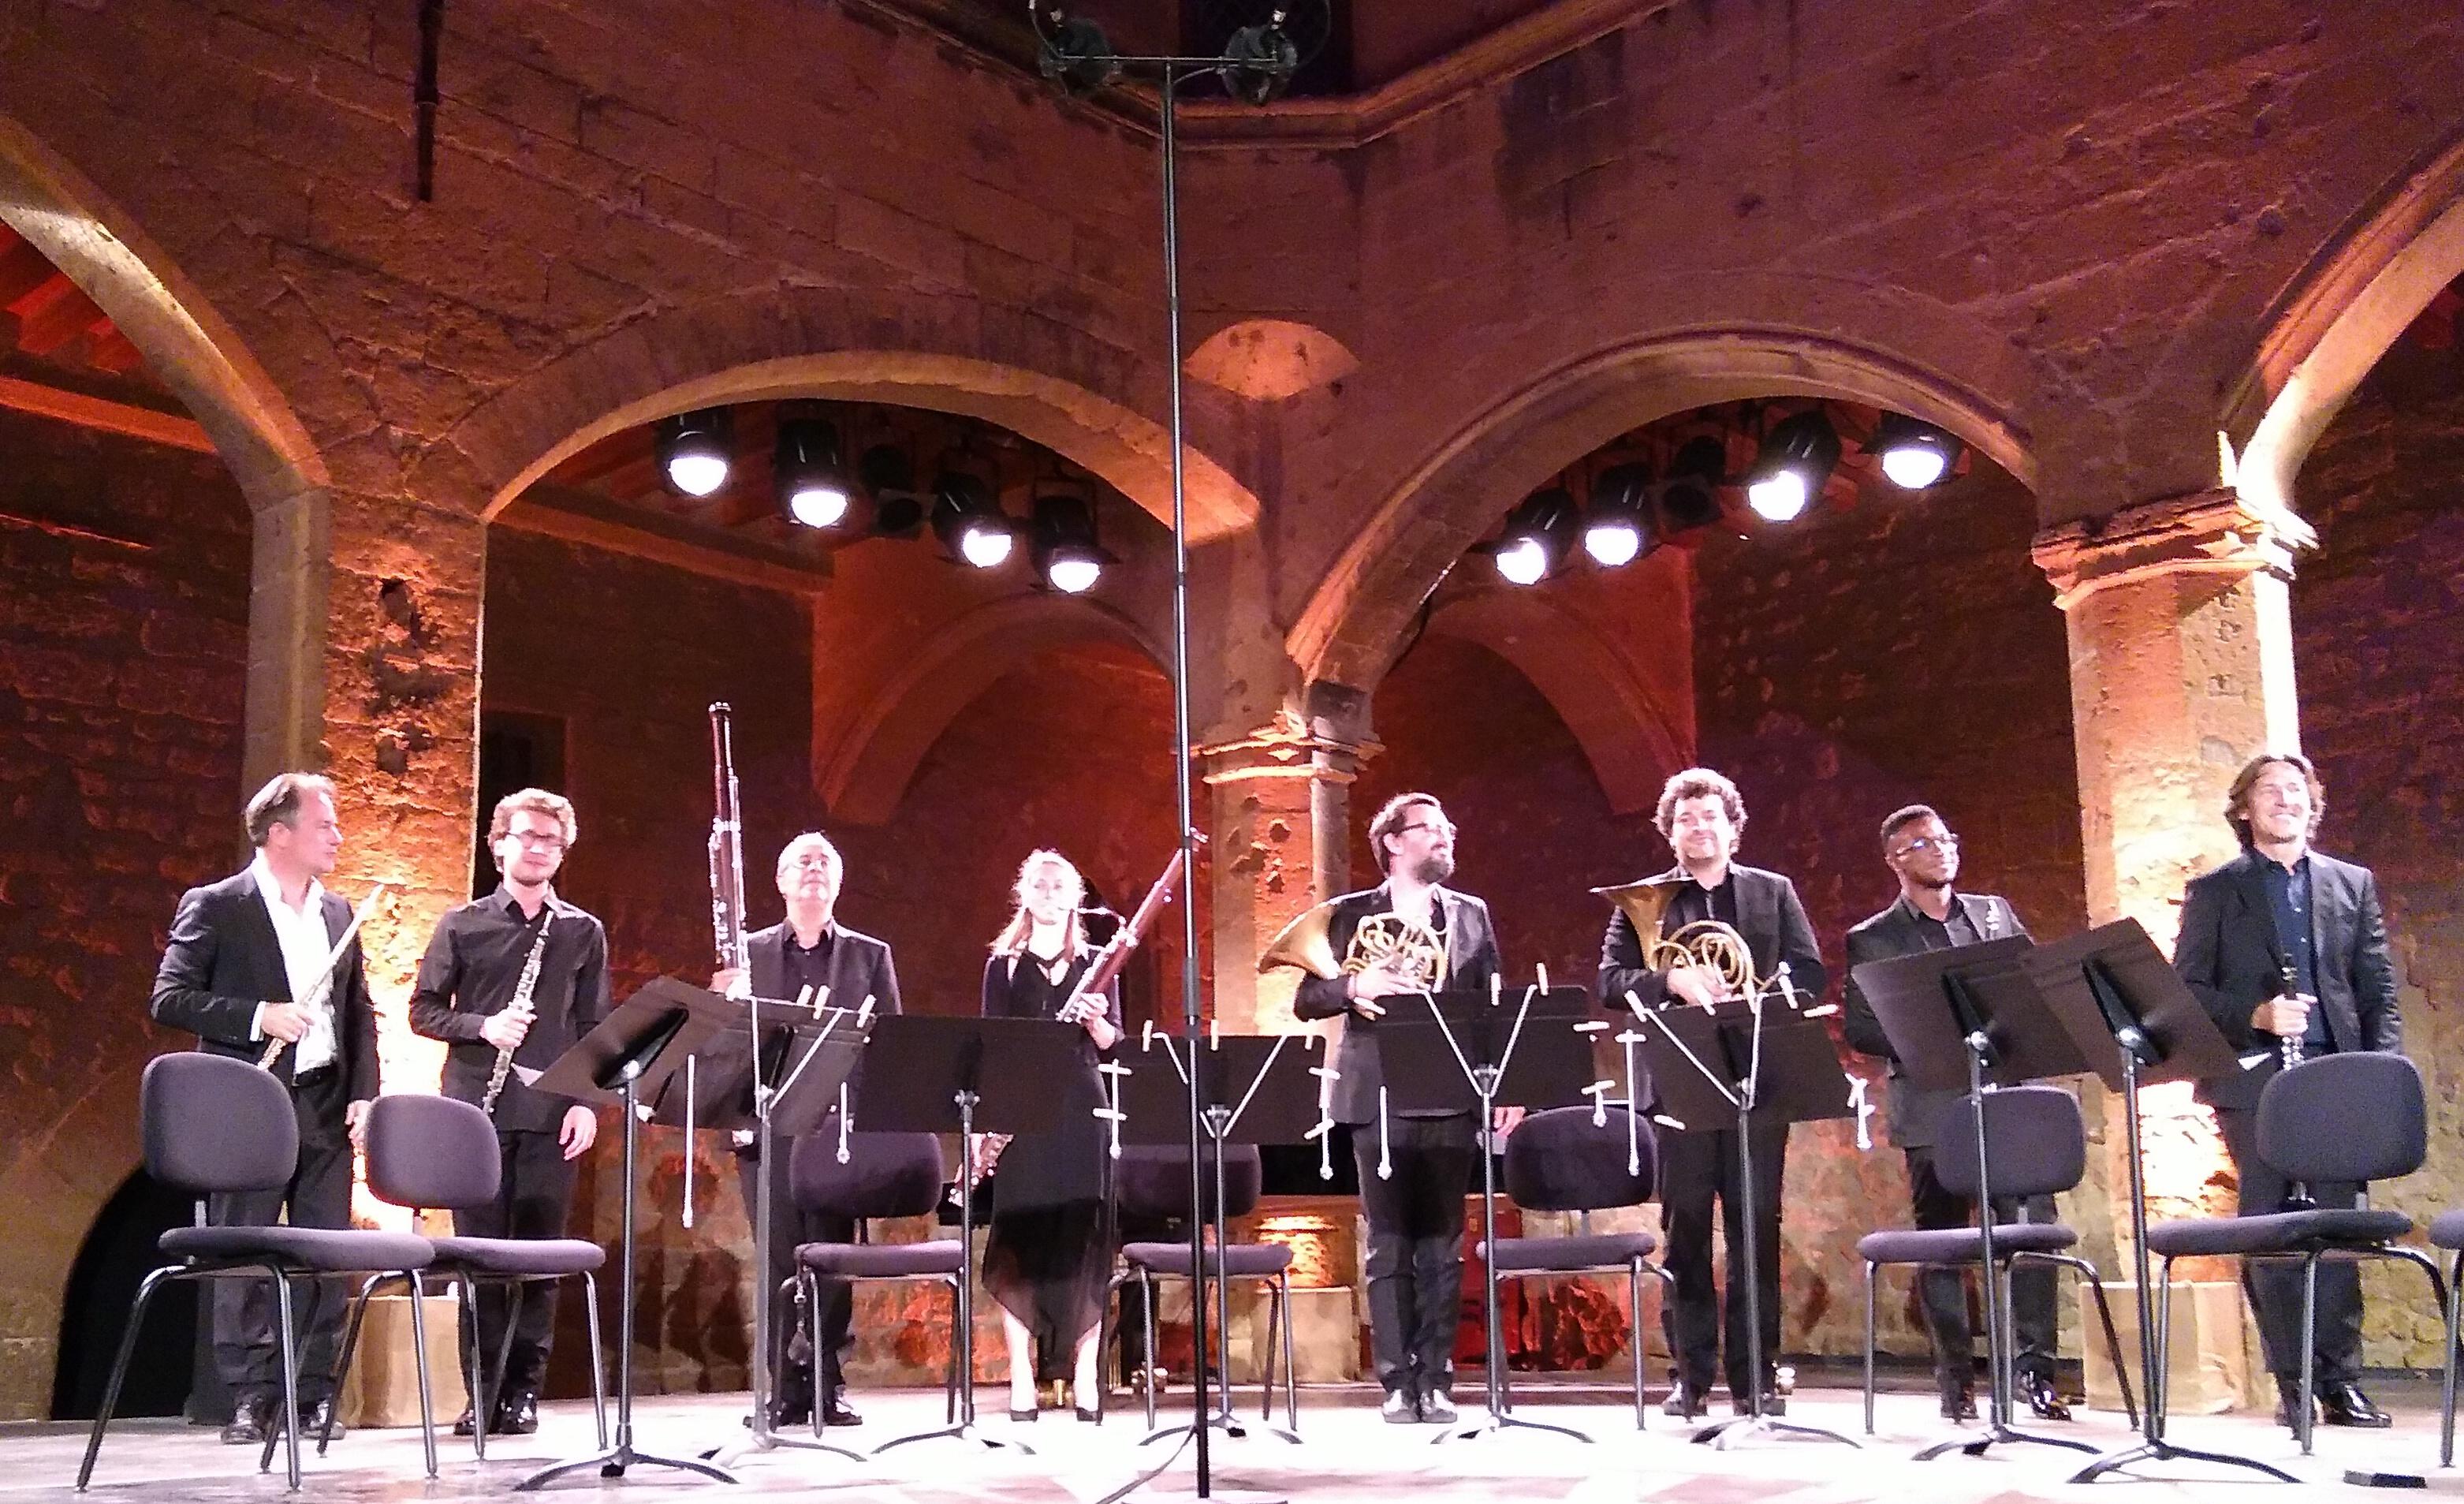 Salon de provence emperi emmanuel bagud critique concert classiquenews festival critique opera critique classiquenews IMG_20190731_222857